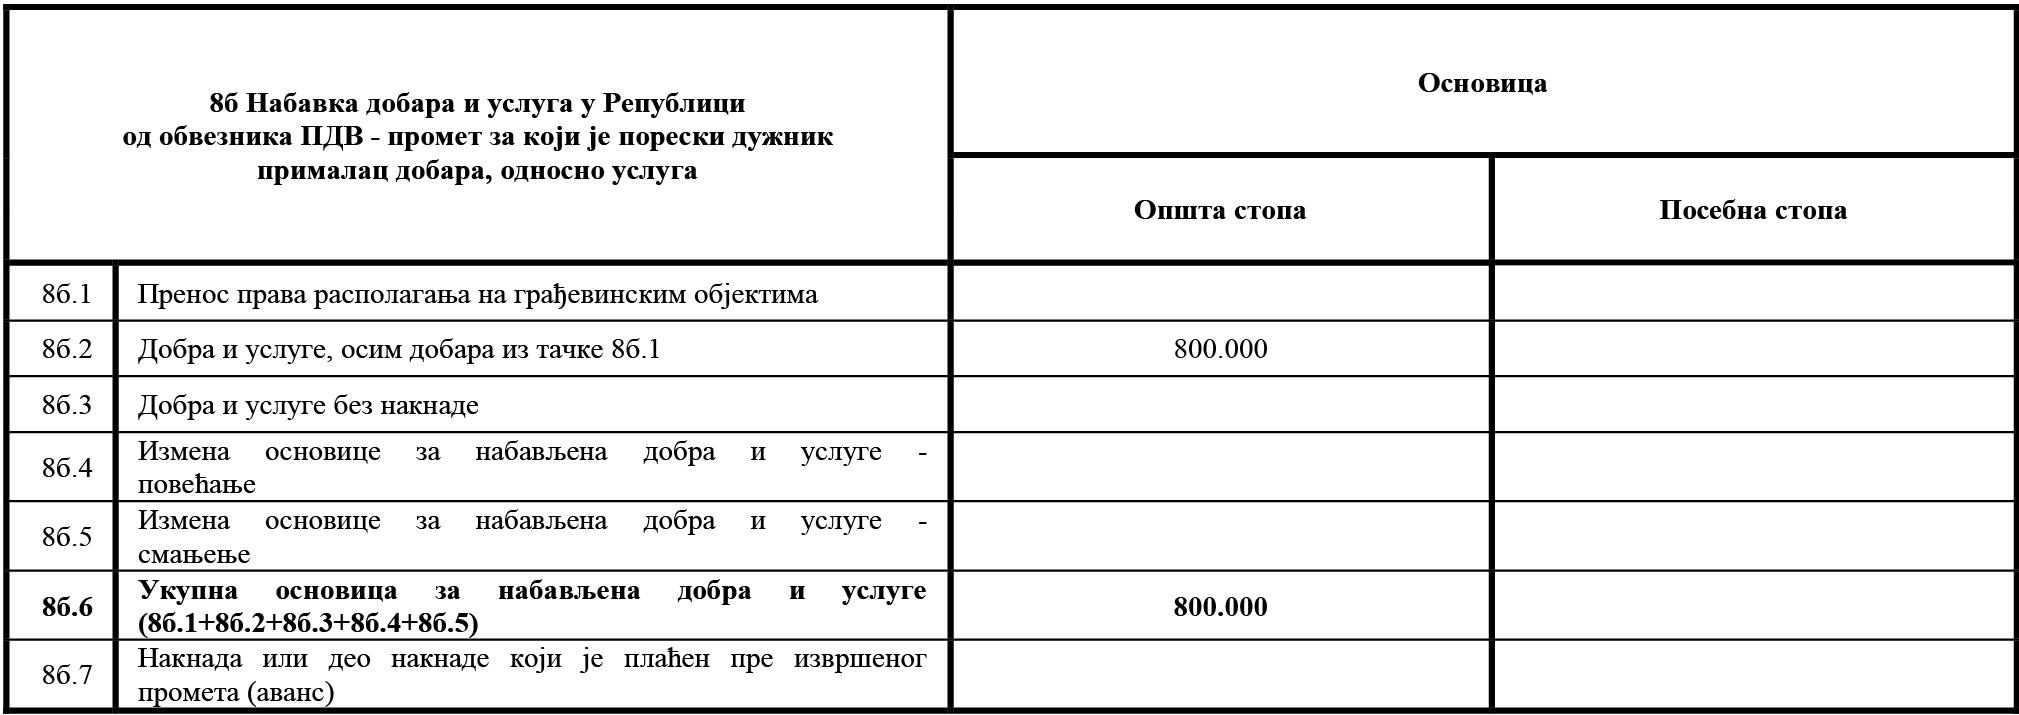 uputstvo PU obrazac POPDV primer 99